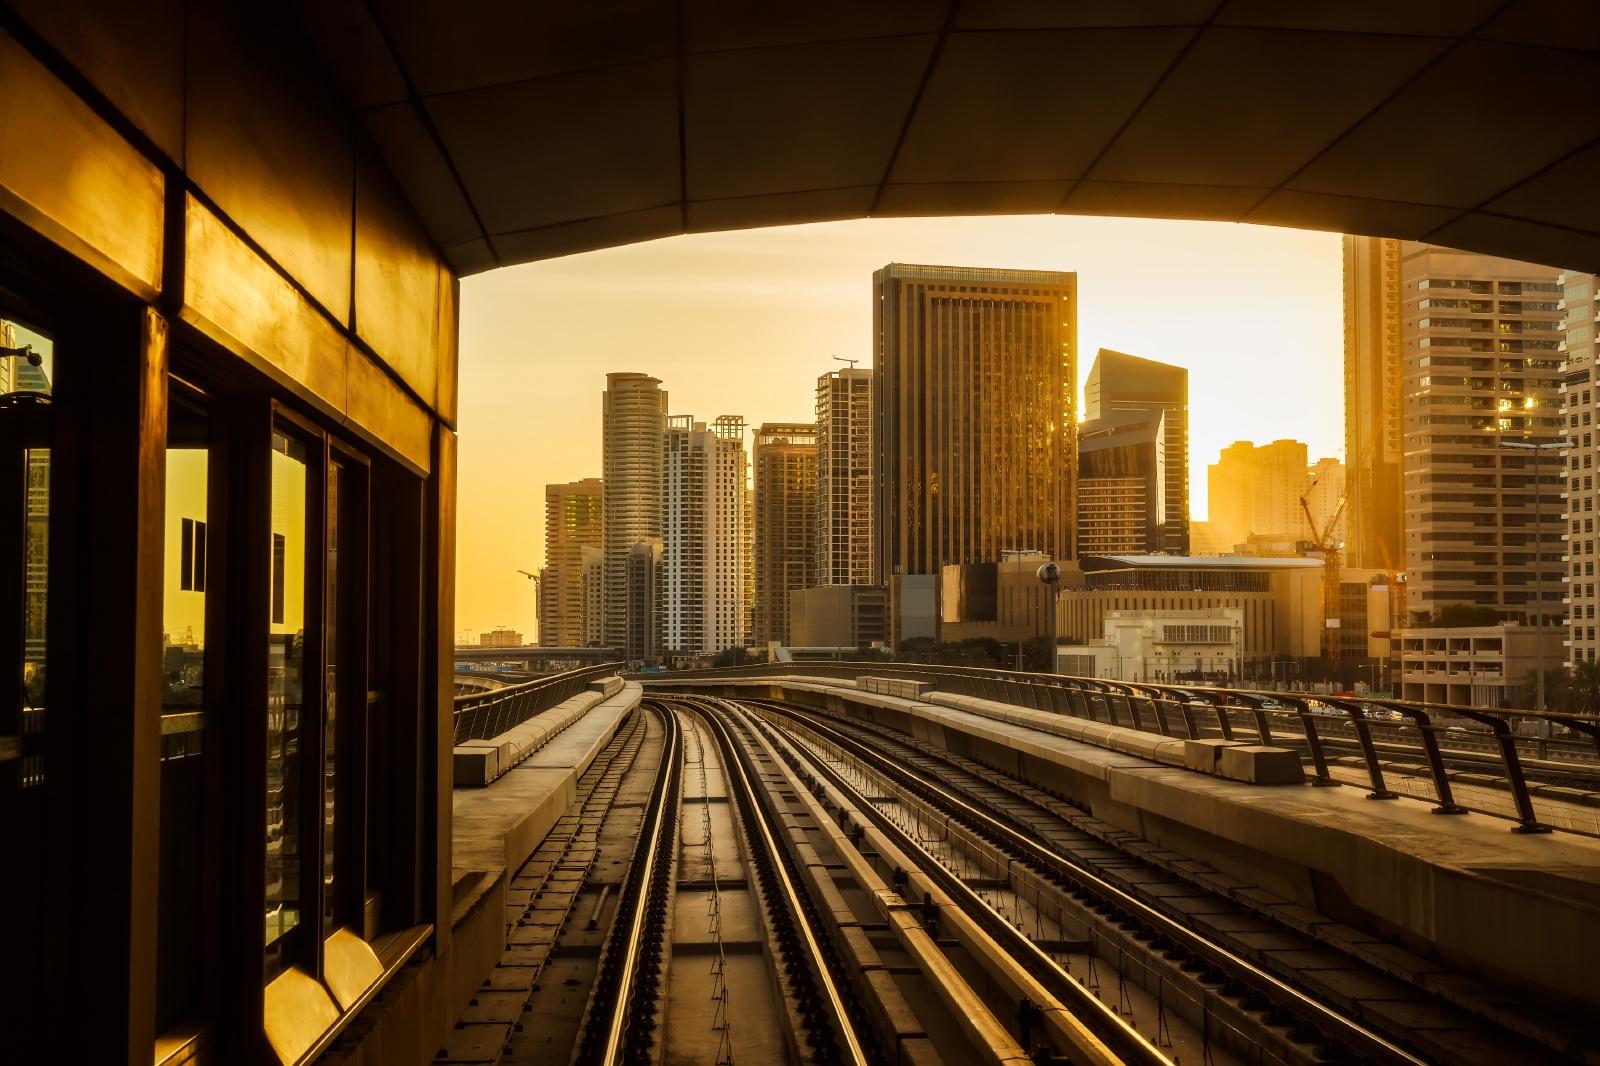 メトロから見た夕暮れのドバイ ドバイの鉄道風景